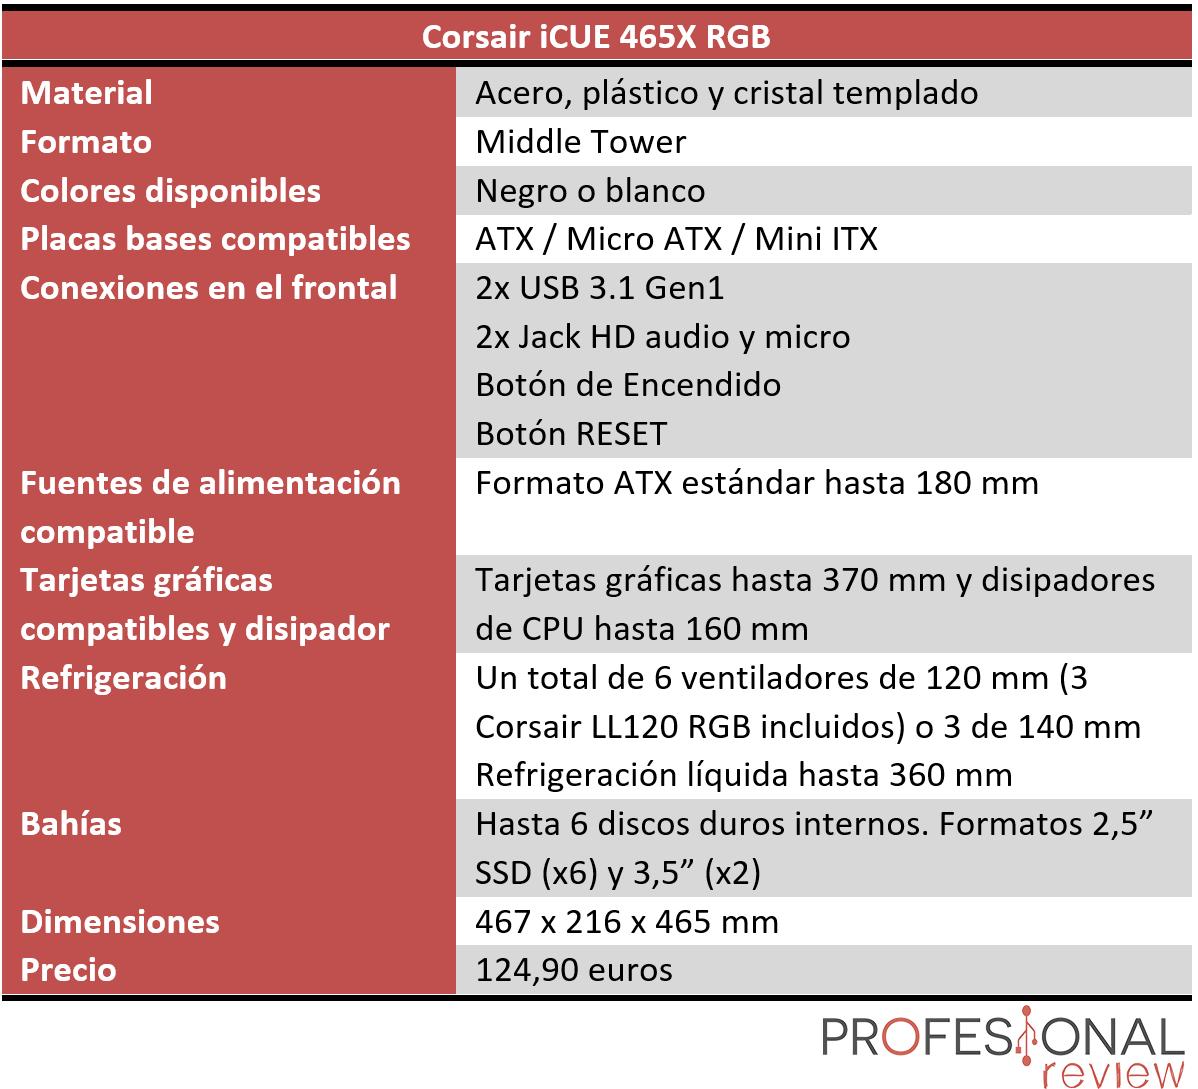 Corsair iCUE 465X RGB Características